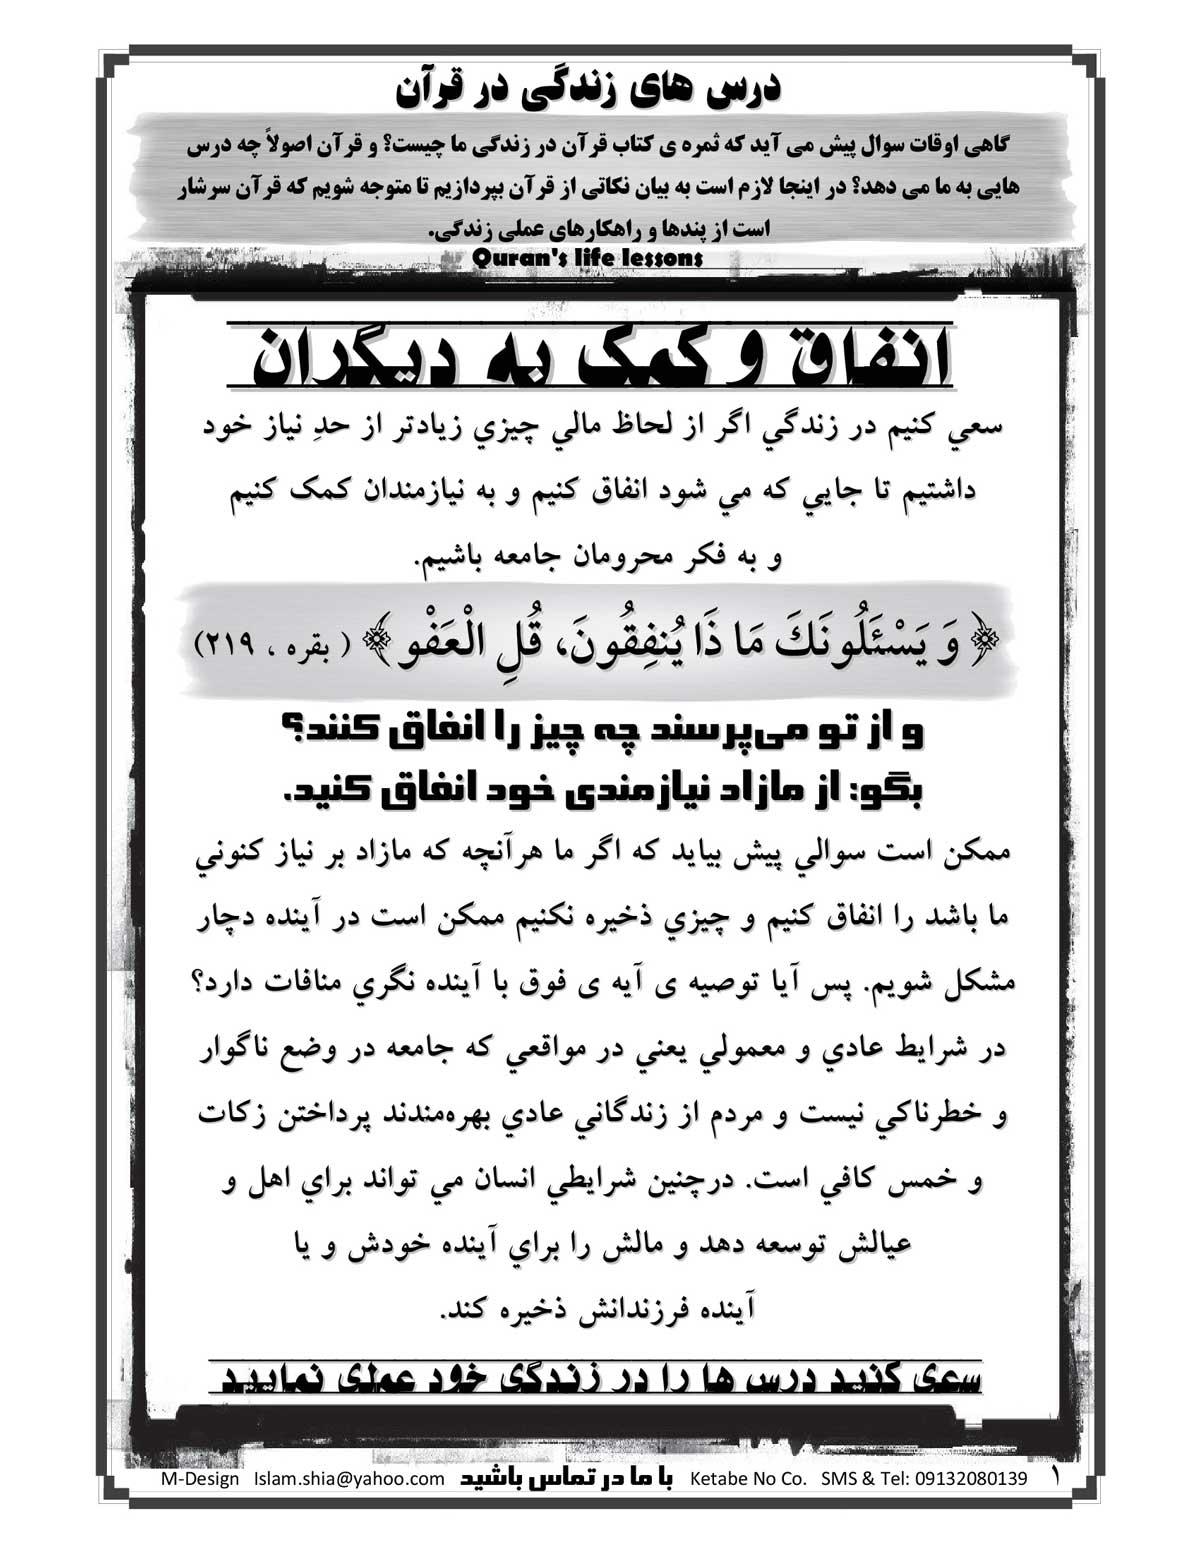 مطالب قرآنی بردهای فرهنگی مسعود مردیها